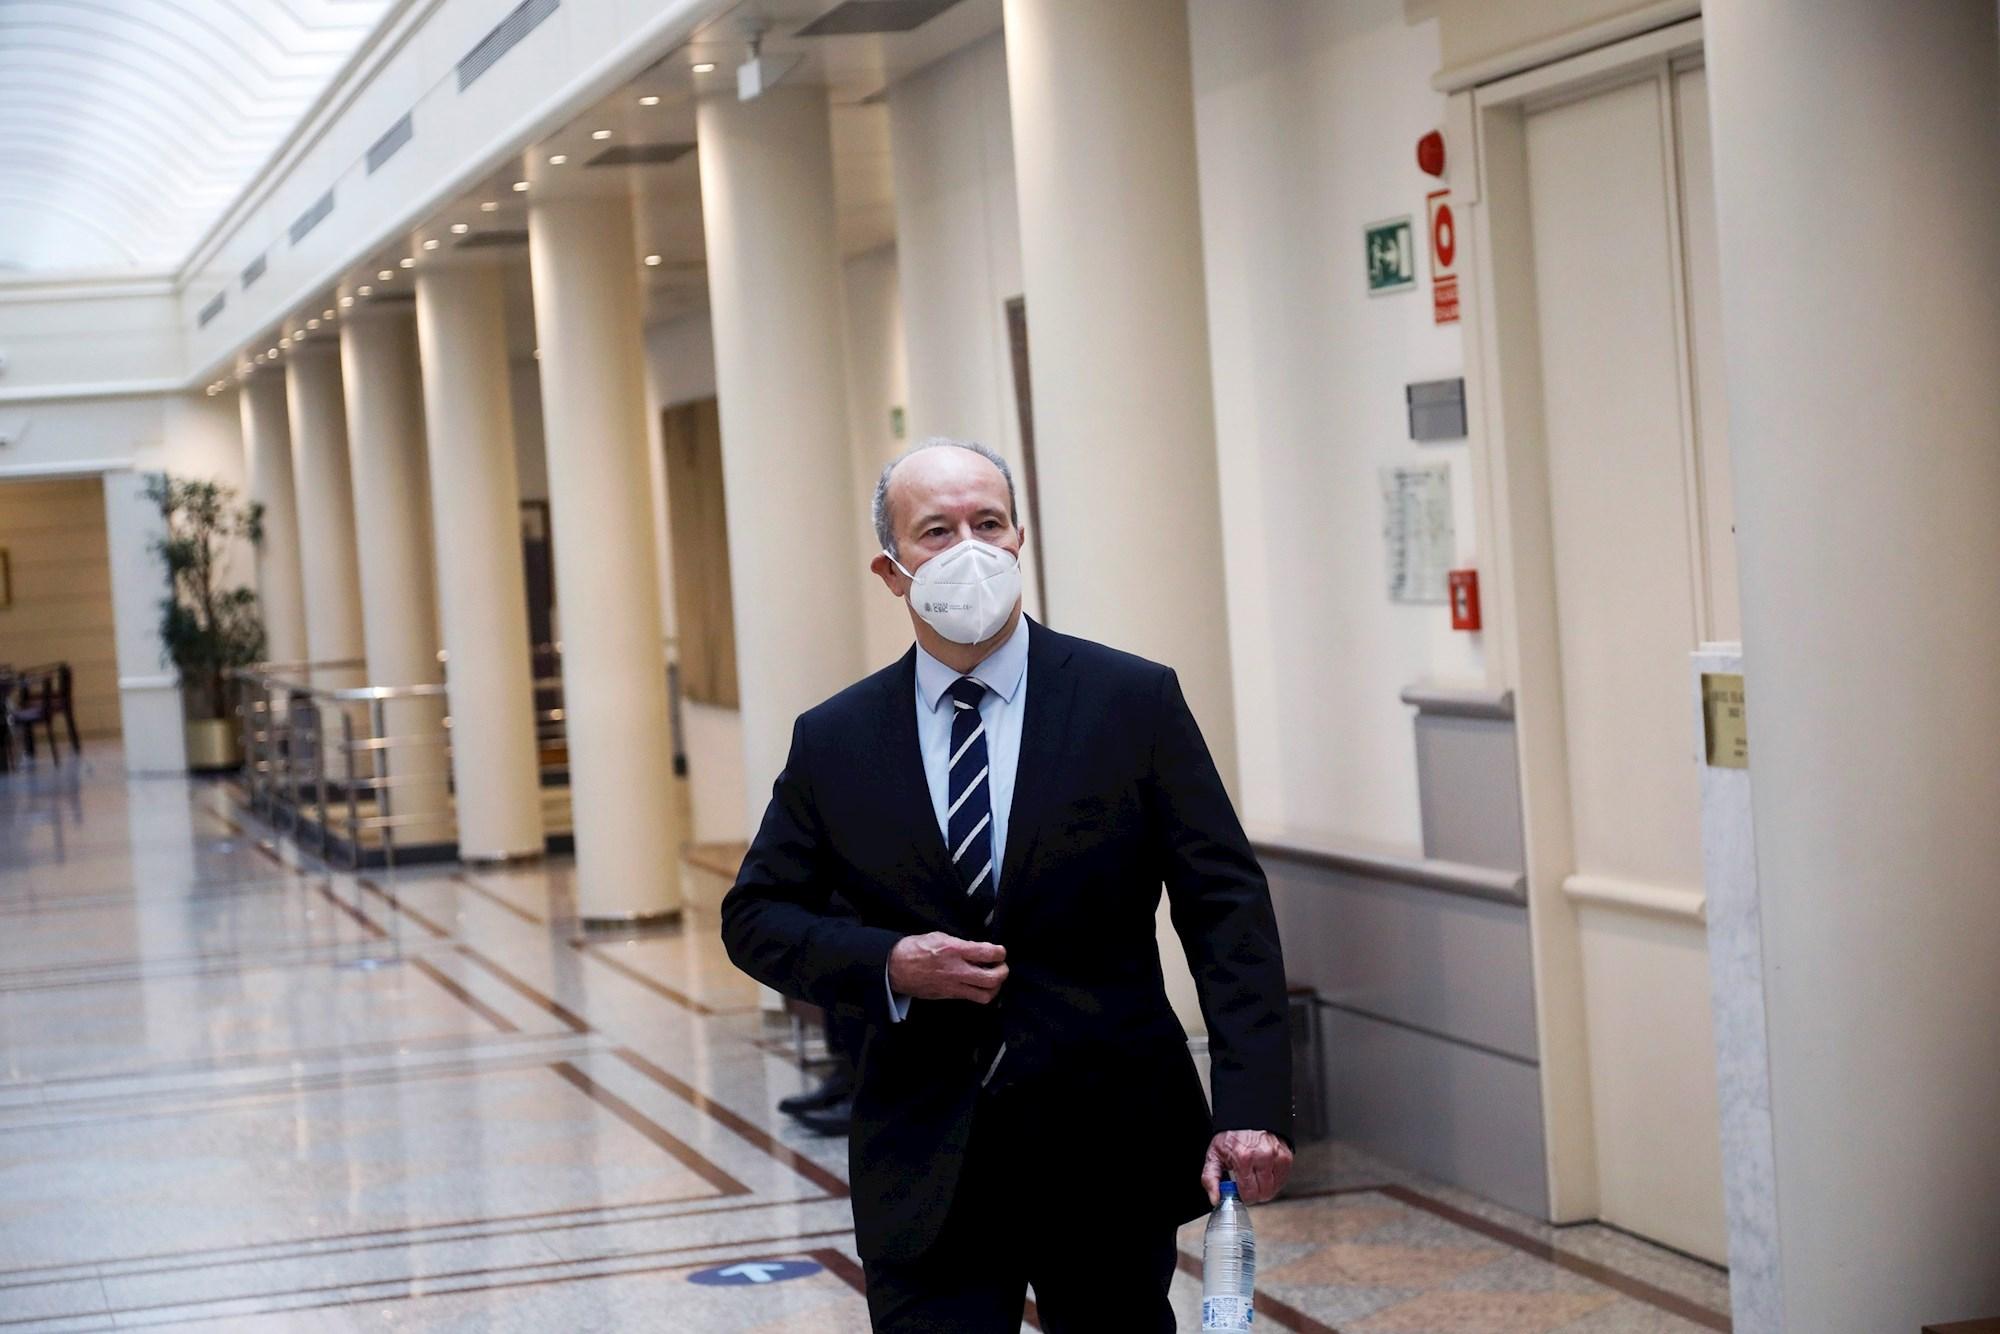 El ministro de Justicia, Juan Carlos Campo, recorre los pasillos del Senado en la última sesión de control al Gobierno. EFE/ David Fernández